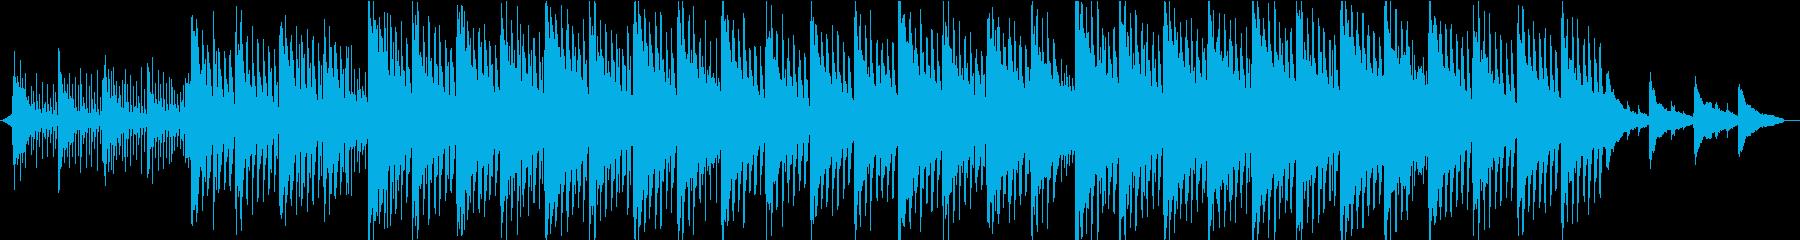 ピアノが美しい・綺麗な【コーポレート】の再生済みの波形